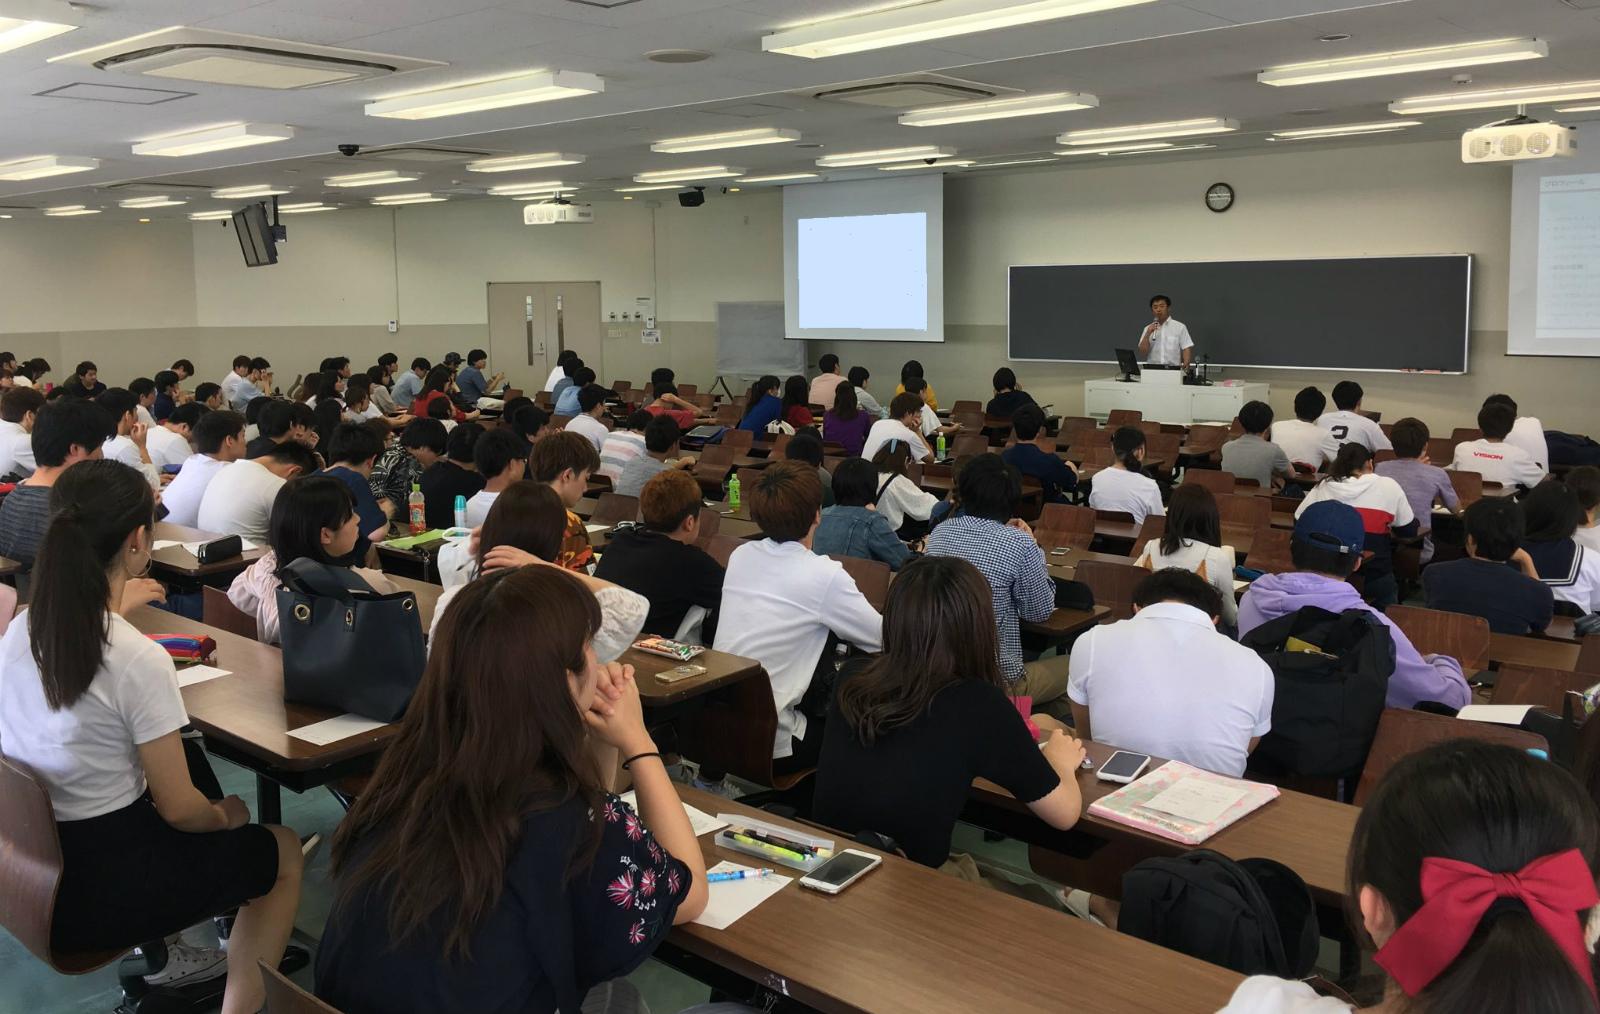 大学無償化が高等教育の「毒まんじゅう」となる危険な理由-限られた「所得制限」と非合理的な「要件確認」がもたらす問題とは?